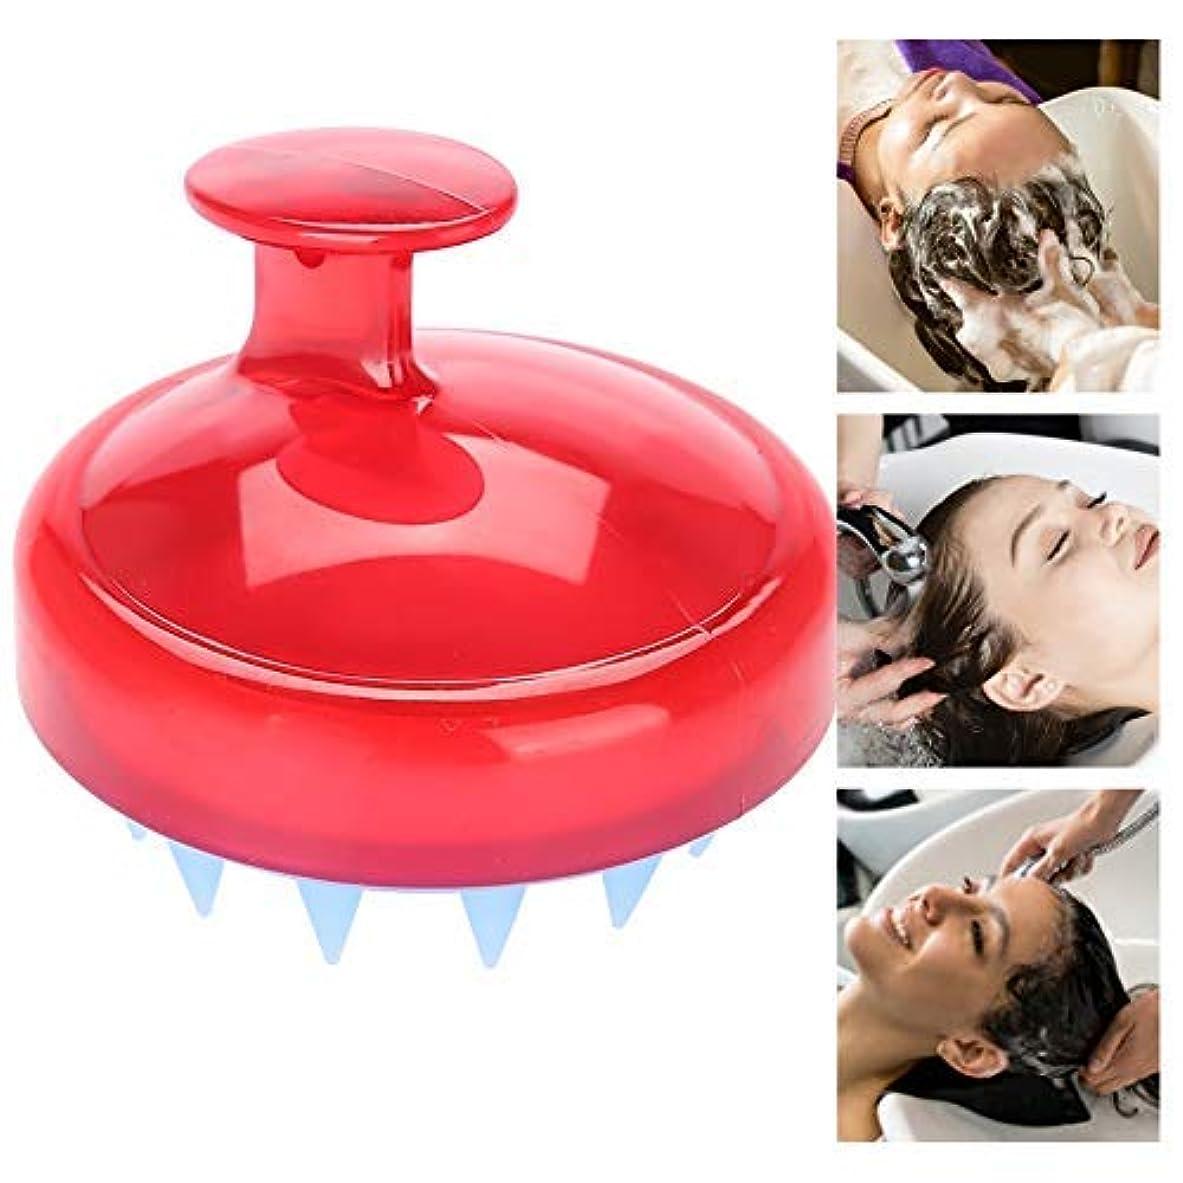 ドリンク選出する最適ヘッドマッサージャー ヘッドスパ 頭皮ケア ヘッドマッサージャー緩和 不眠症改善 髪質改善 睡眠 頭痛改善 血行促進 発毛促進(赤)